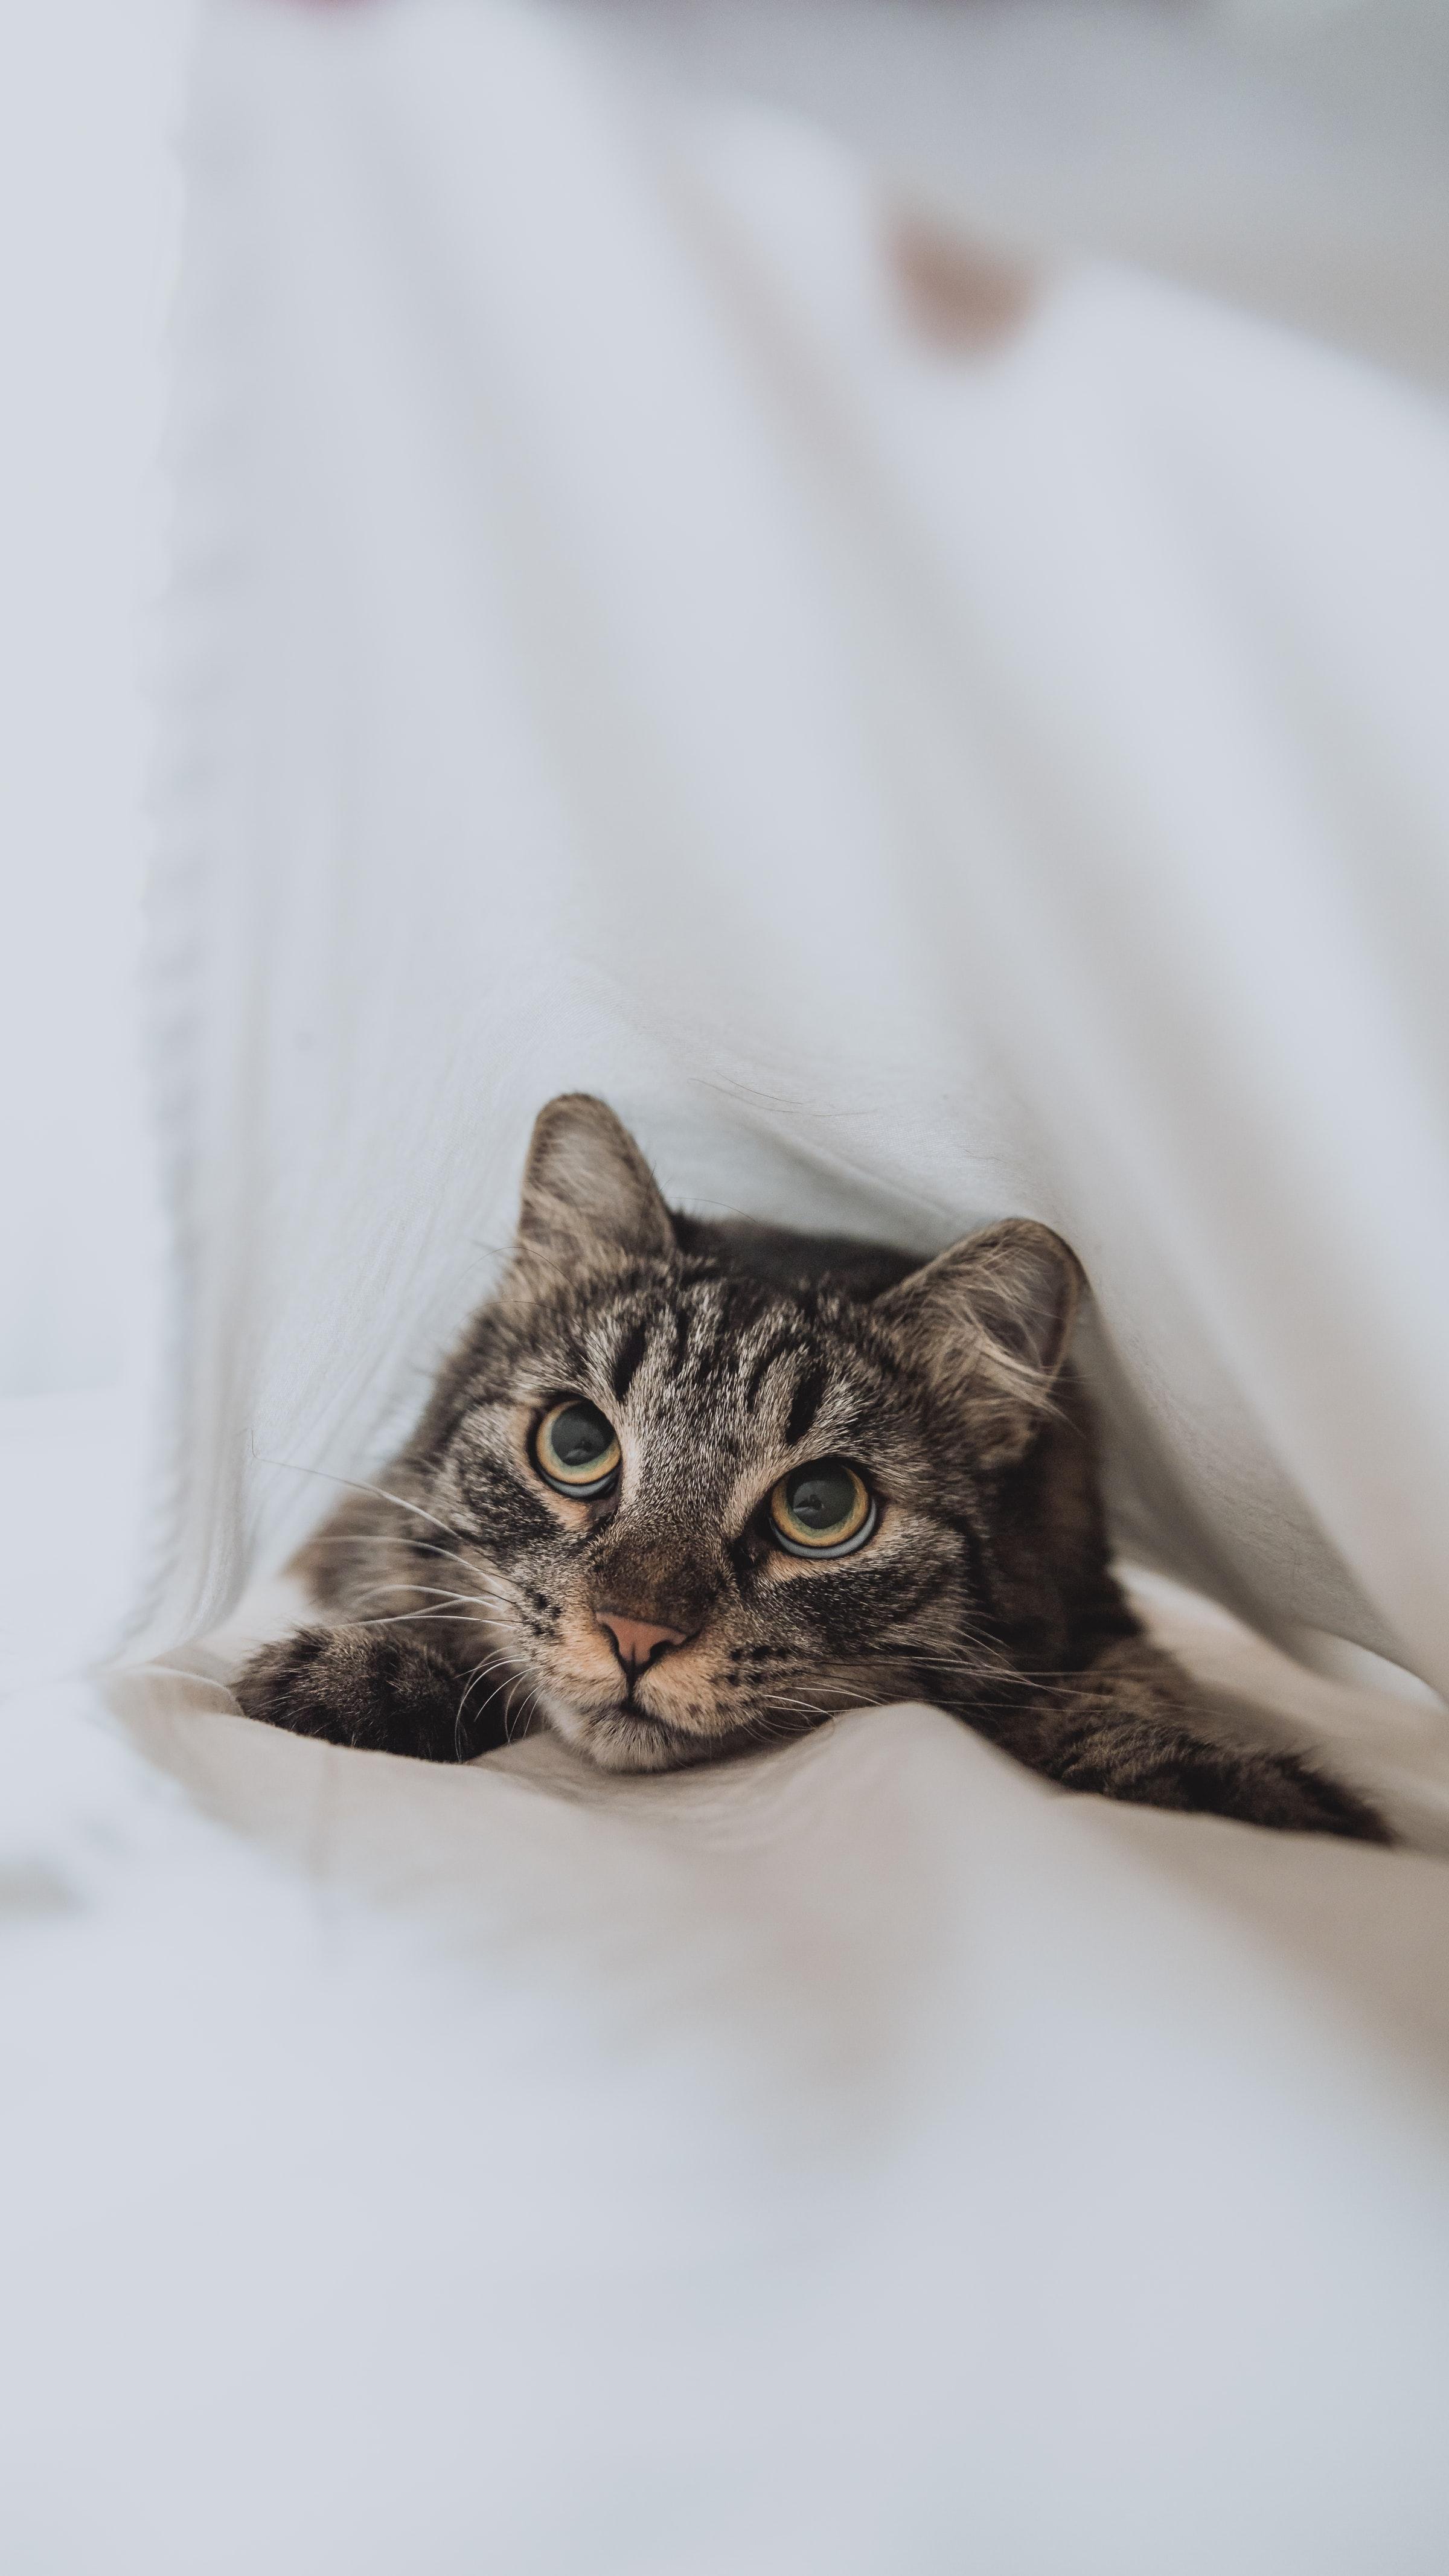 114203 скачать обои Животные, Кот, Глаза, Питомец, Белый, Взгляд - заставки и картинки бесплатно